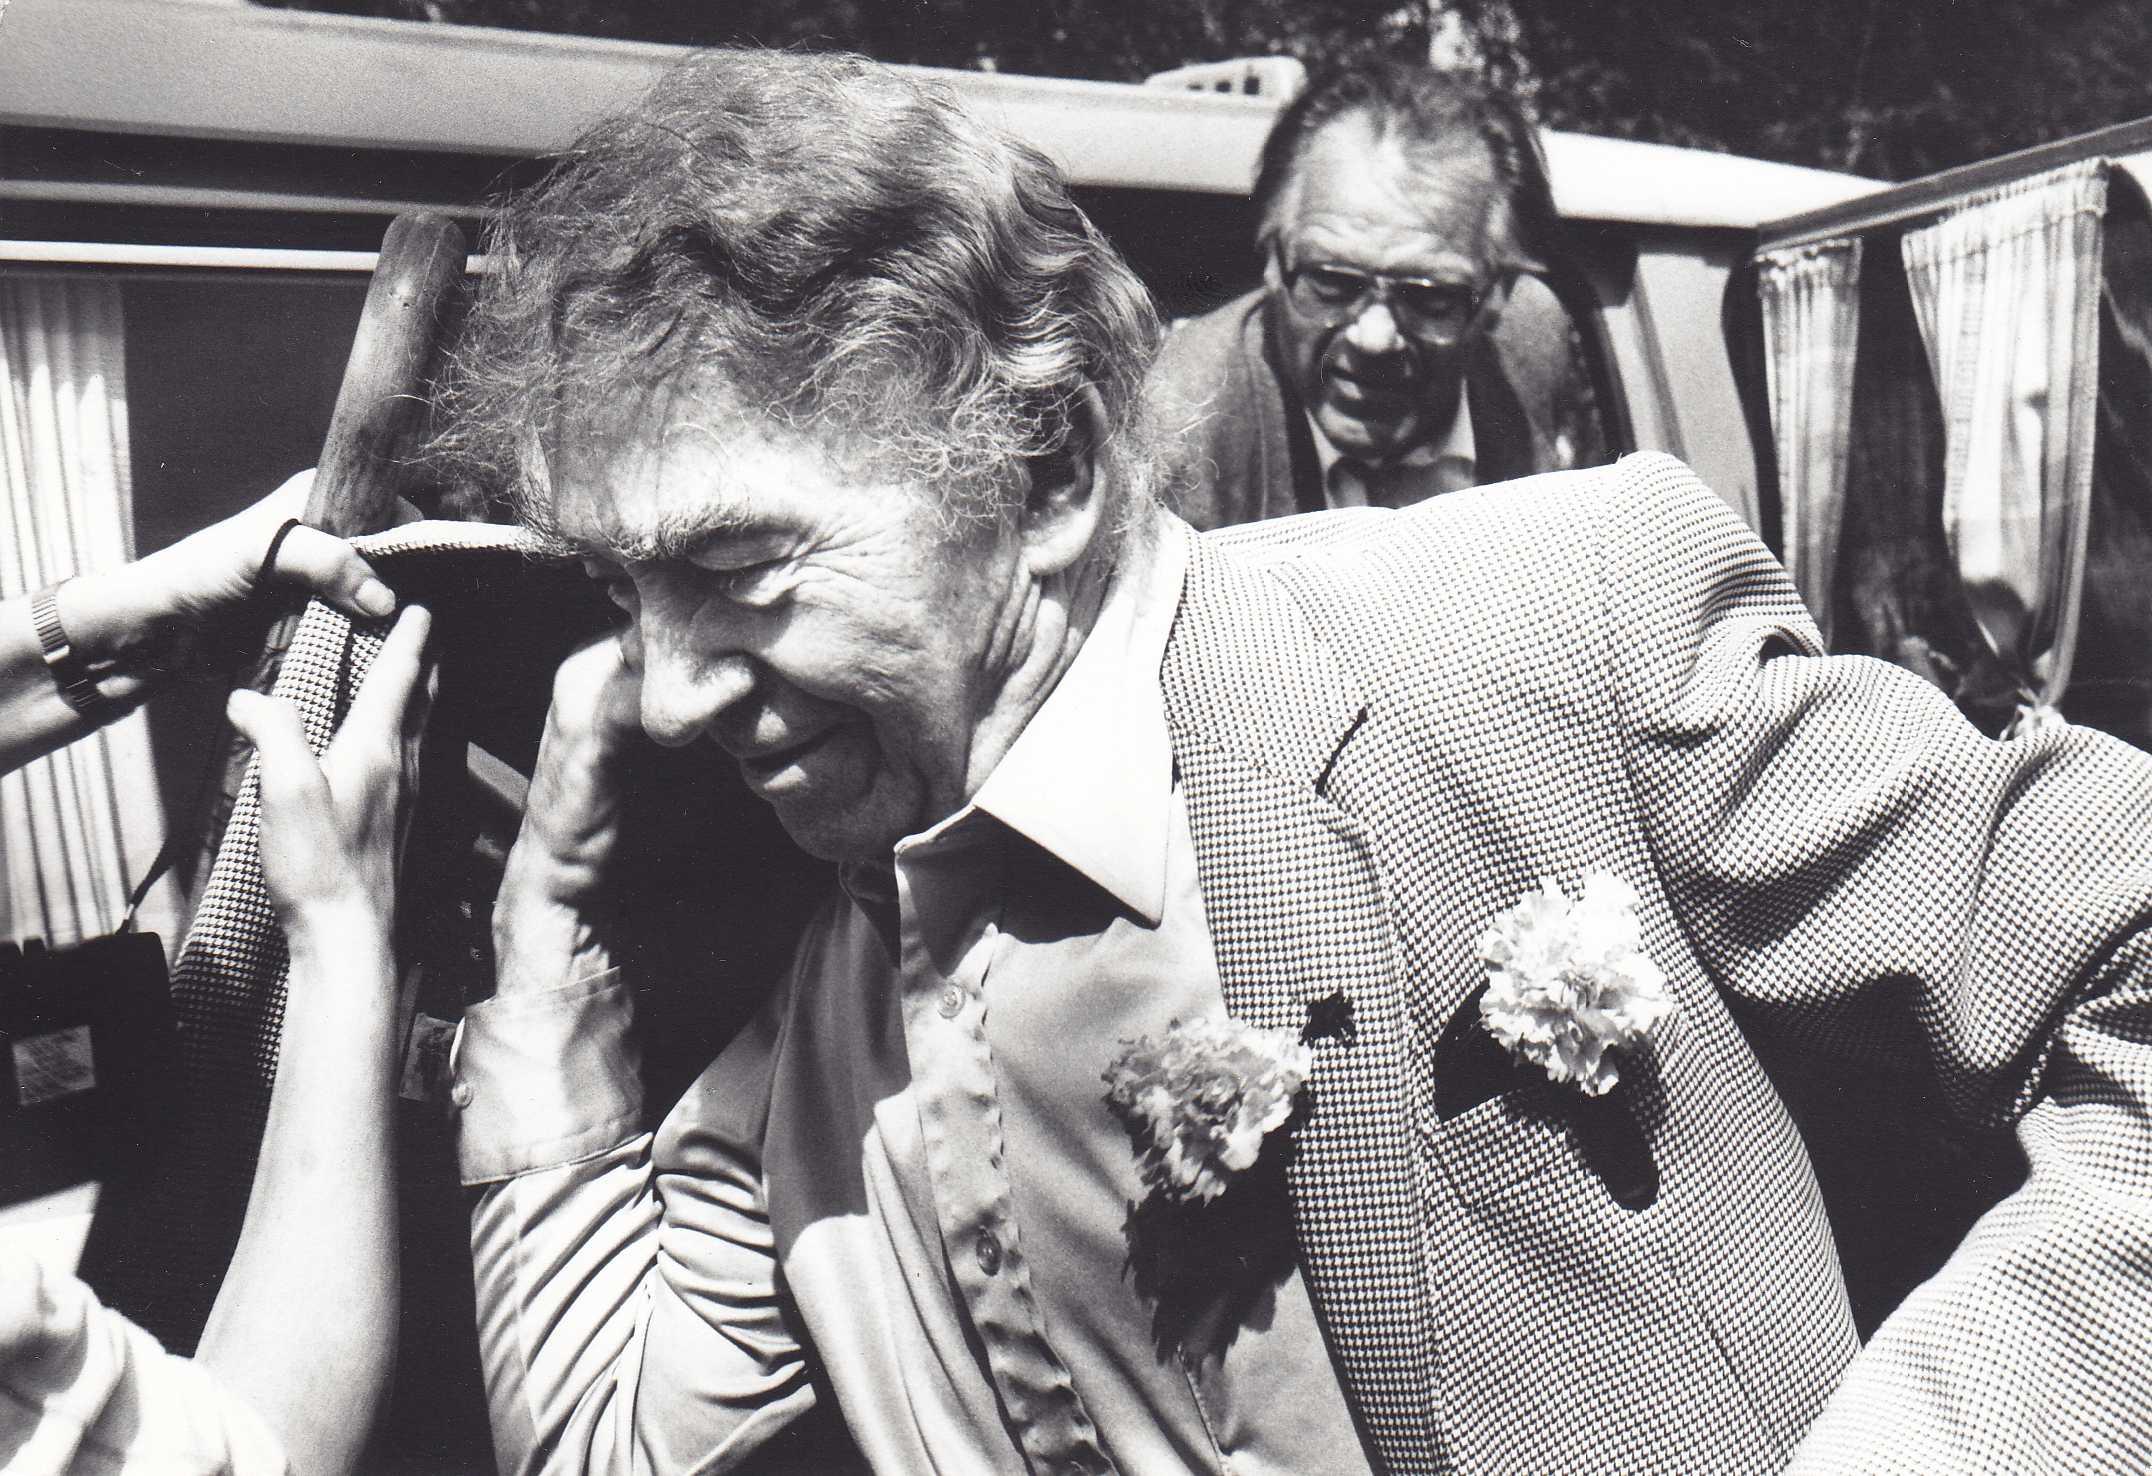 Ką tik atvykus į Stebeikėlius. Poetas Bernardas Brazdžionis ir aktorius Laimonas Noreika (fone)